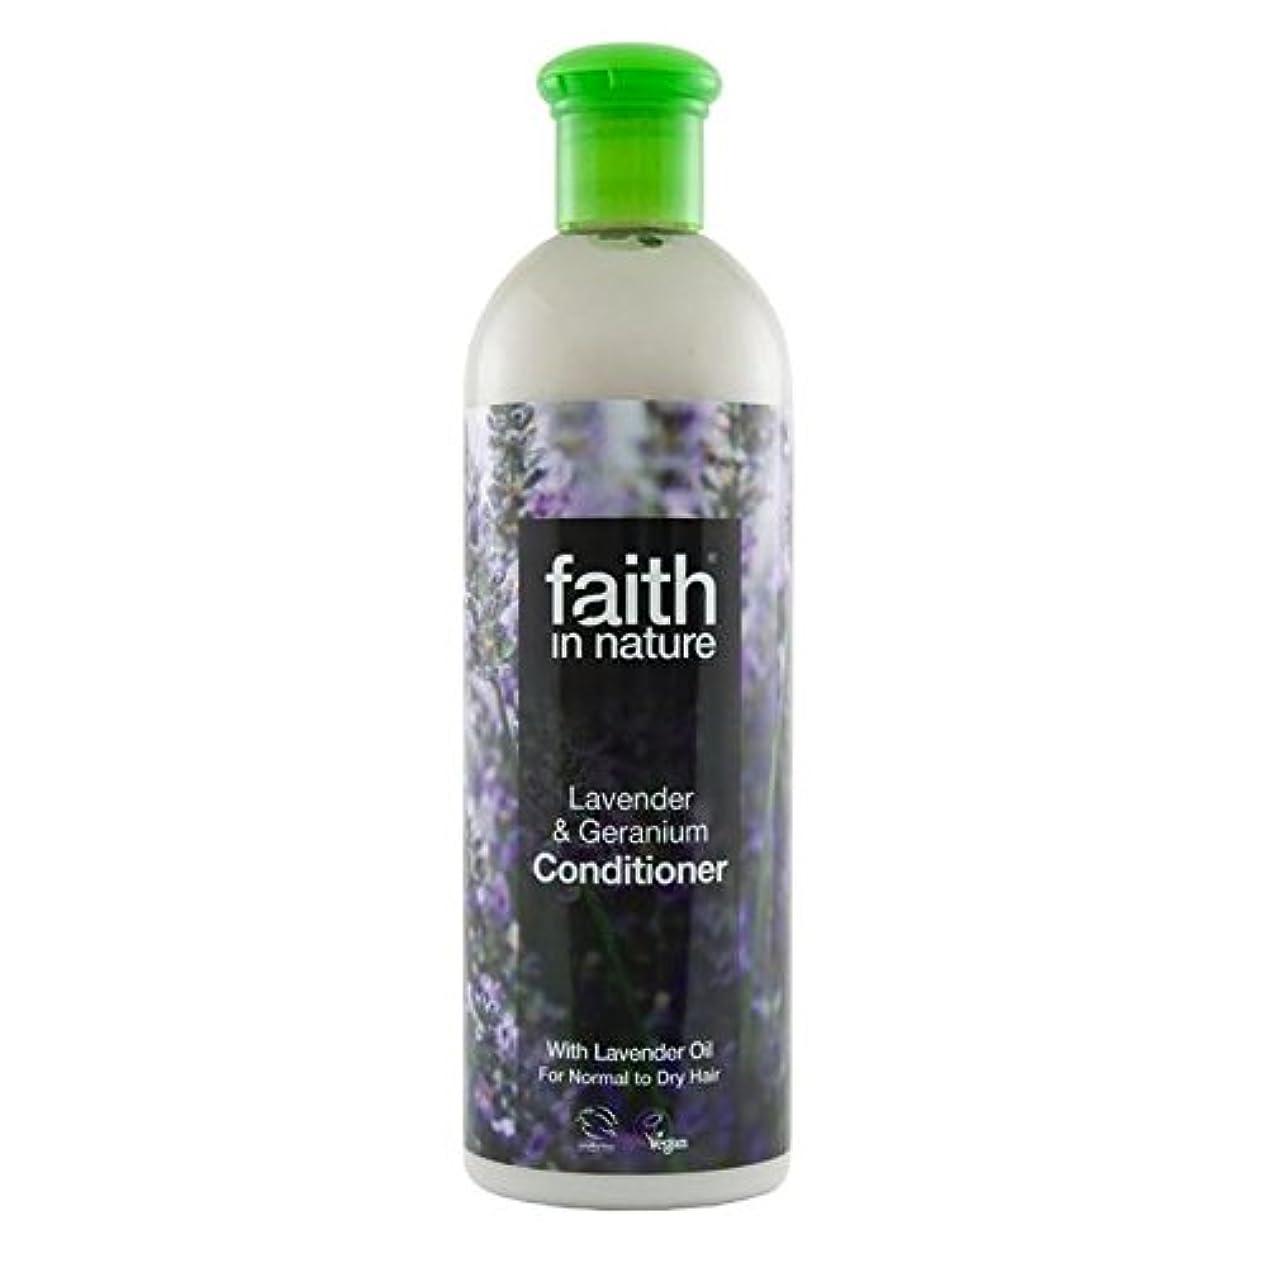 ひそかに好色なうめきFaith in Nature Lavender & Geranium Conditioner 400ml (Pack of 2) - (Faith In Nature) 自然ラベンダー&ゼラニウムコンディショナー400...